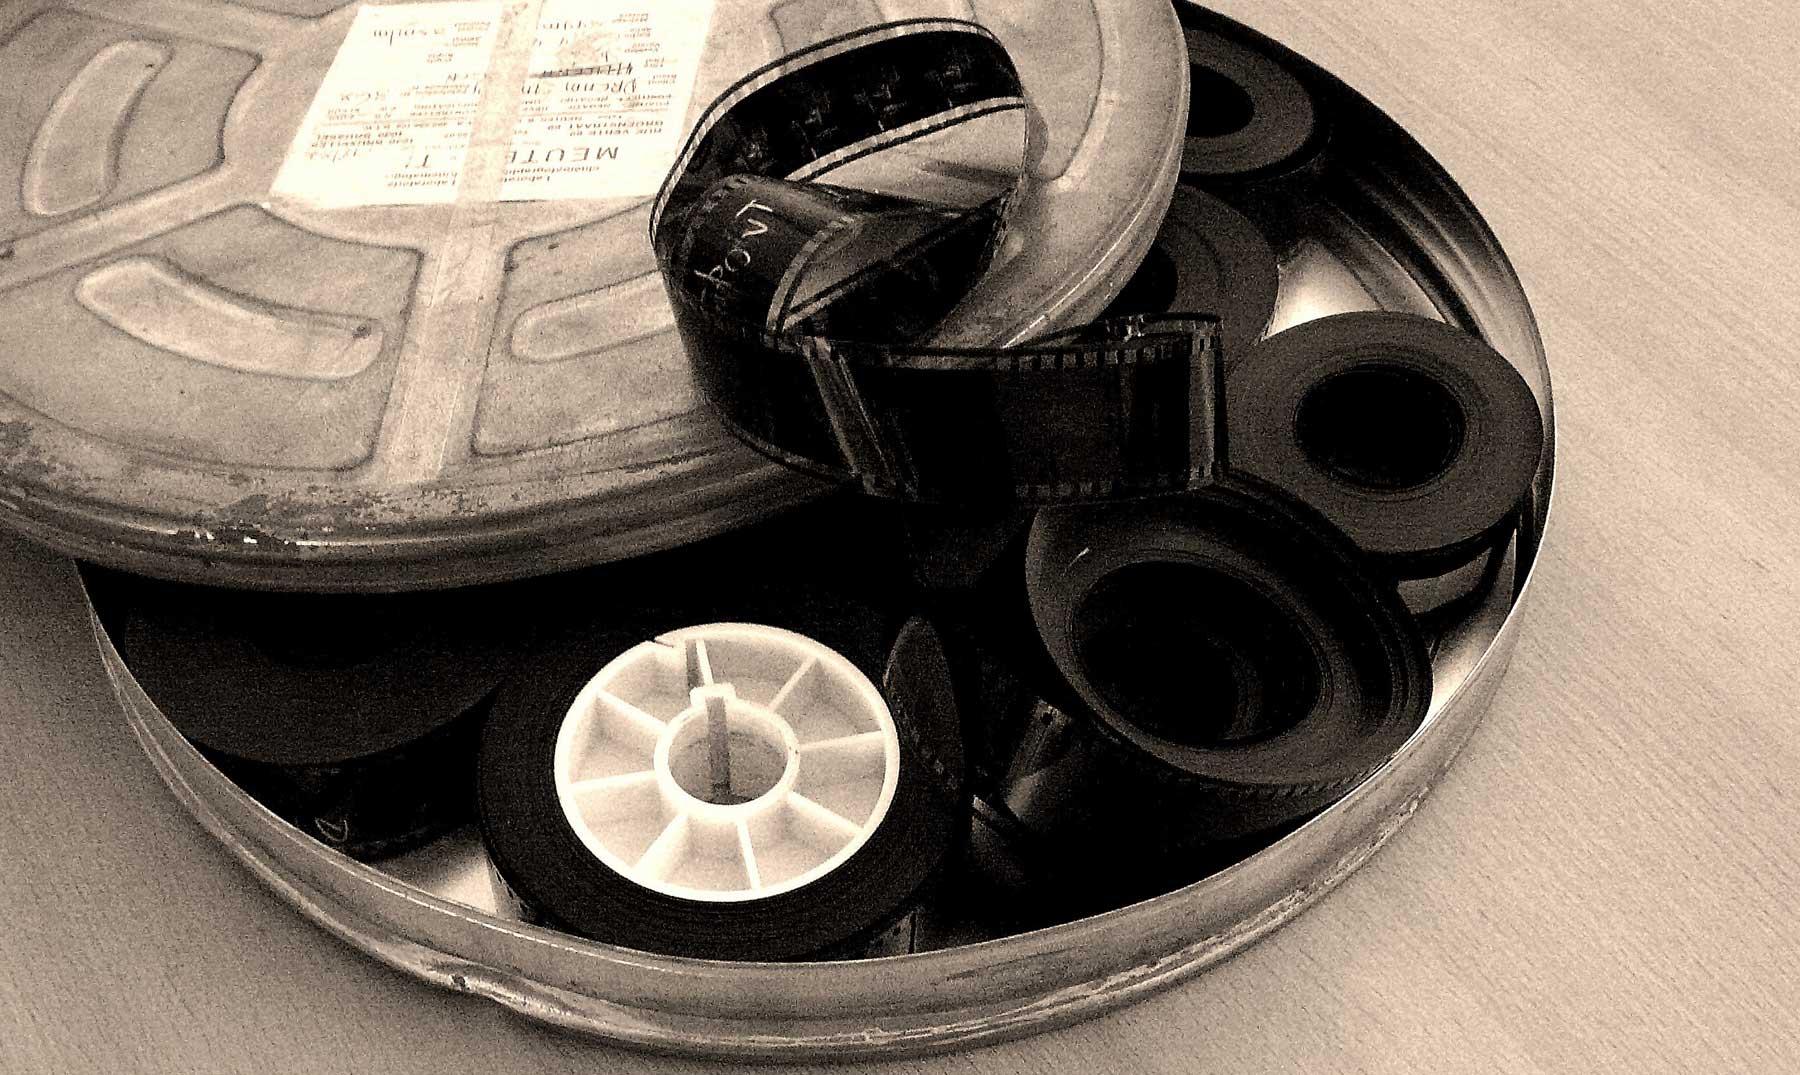 Grandes fracasos del cine: las películas más caras y ruinosas